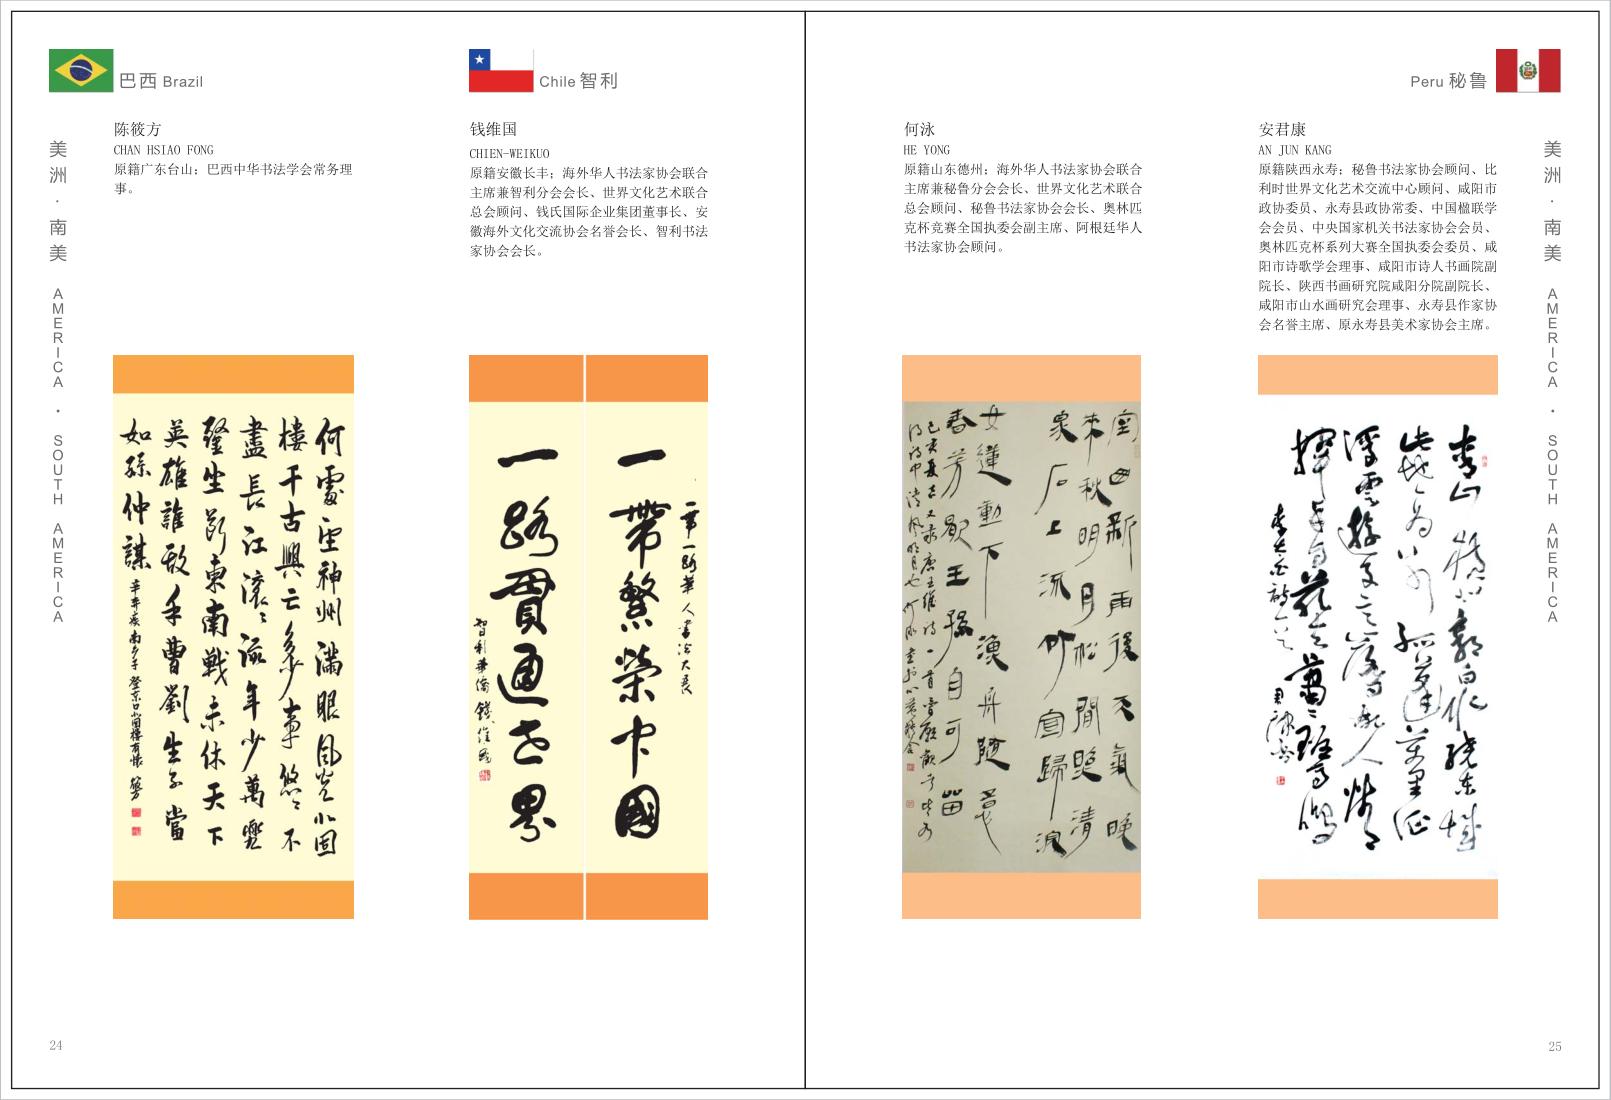 191页2_14.png